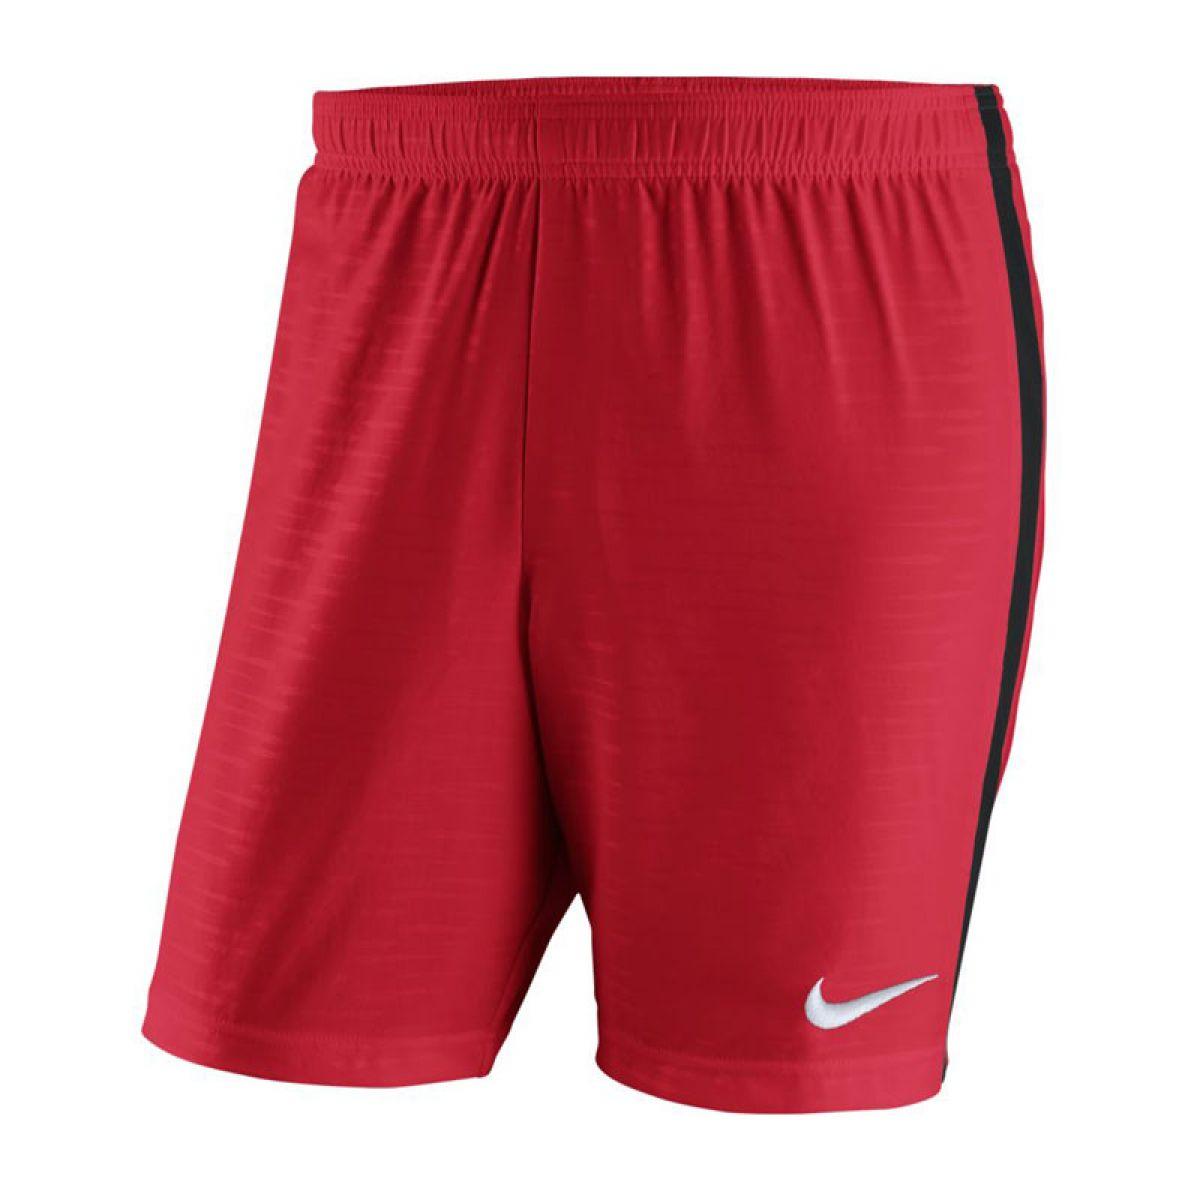 Short Nike Dry Vnm Short II Woven